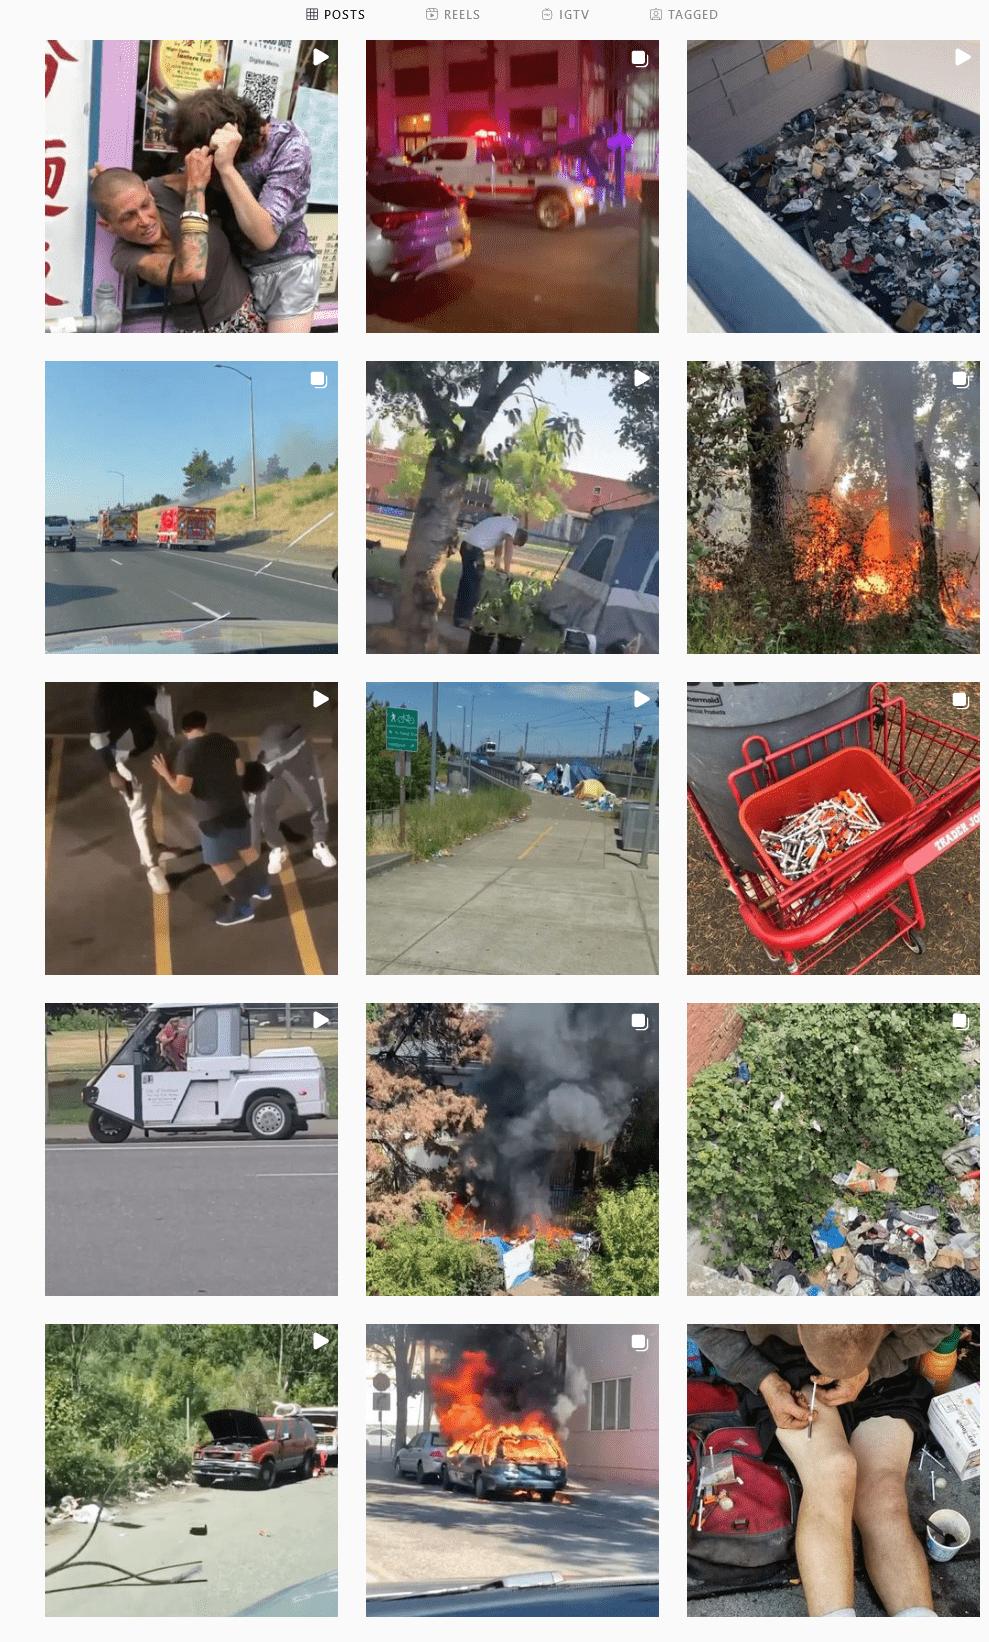 Screenshot 2021-07-31 at 10-36-33 We document, You decide ( portlandlookslikeshit) • Instagram...png